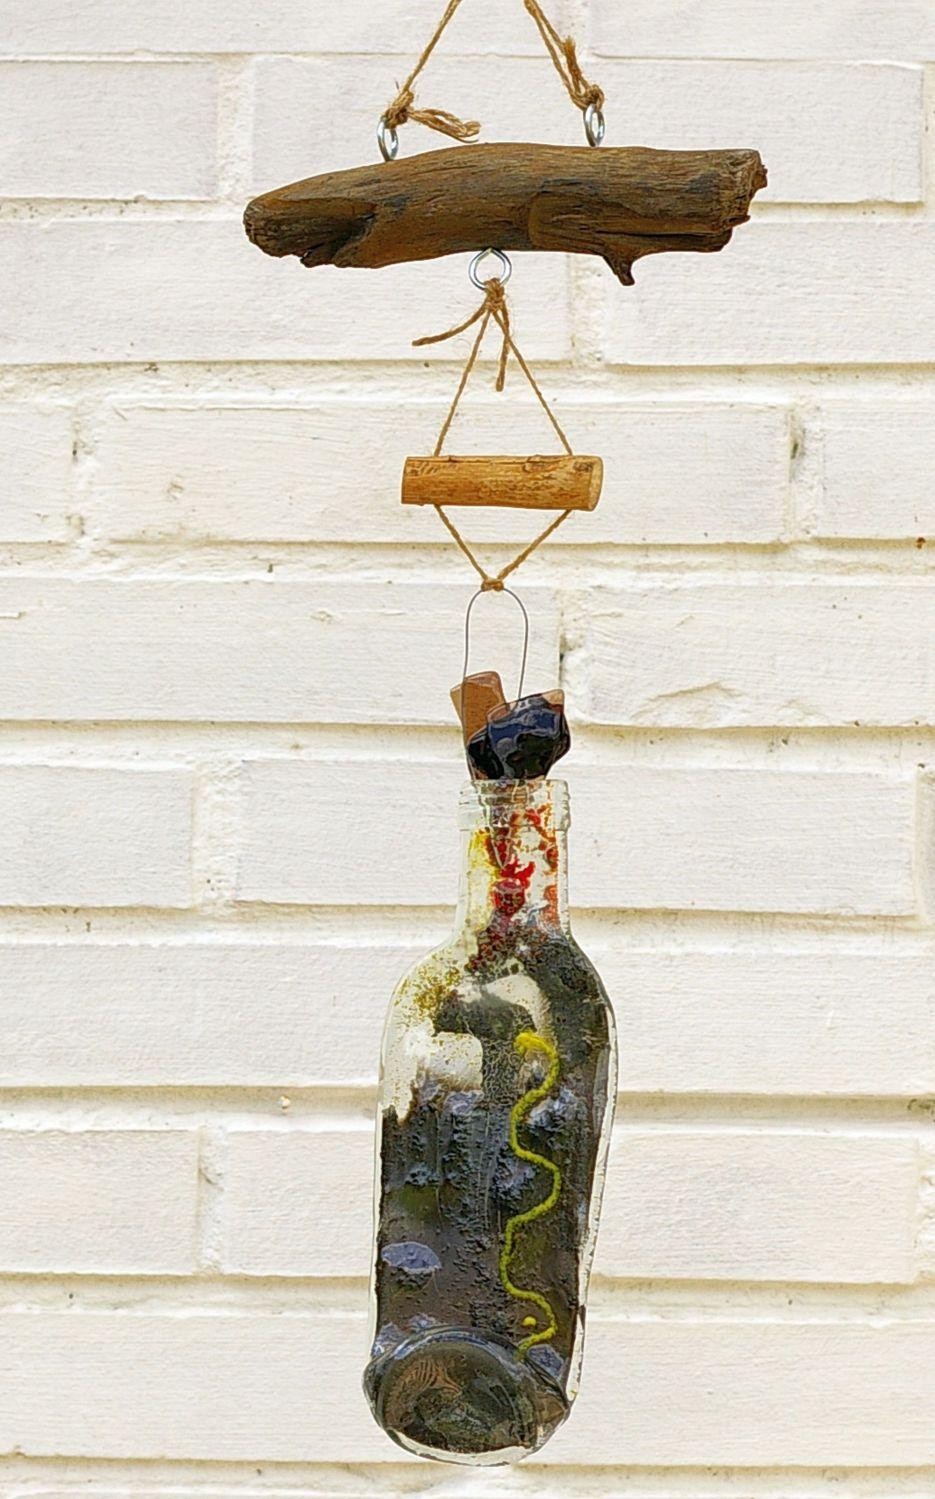 Mobile für den Garten zum Selbermachen, mit Glas und Treibholz